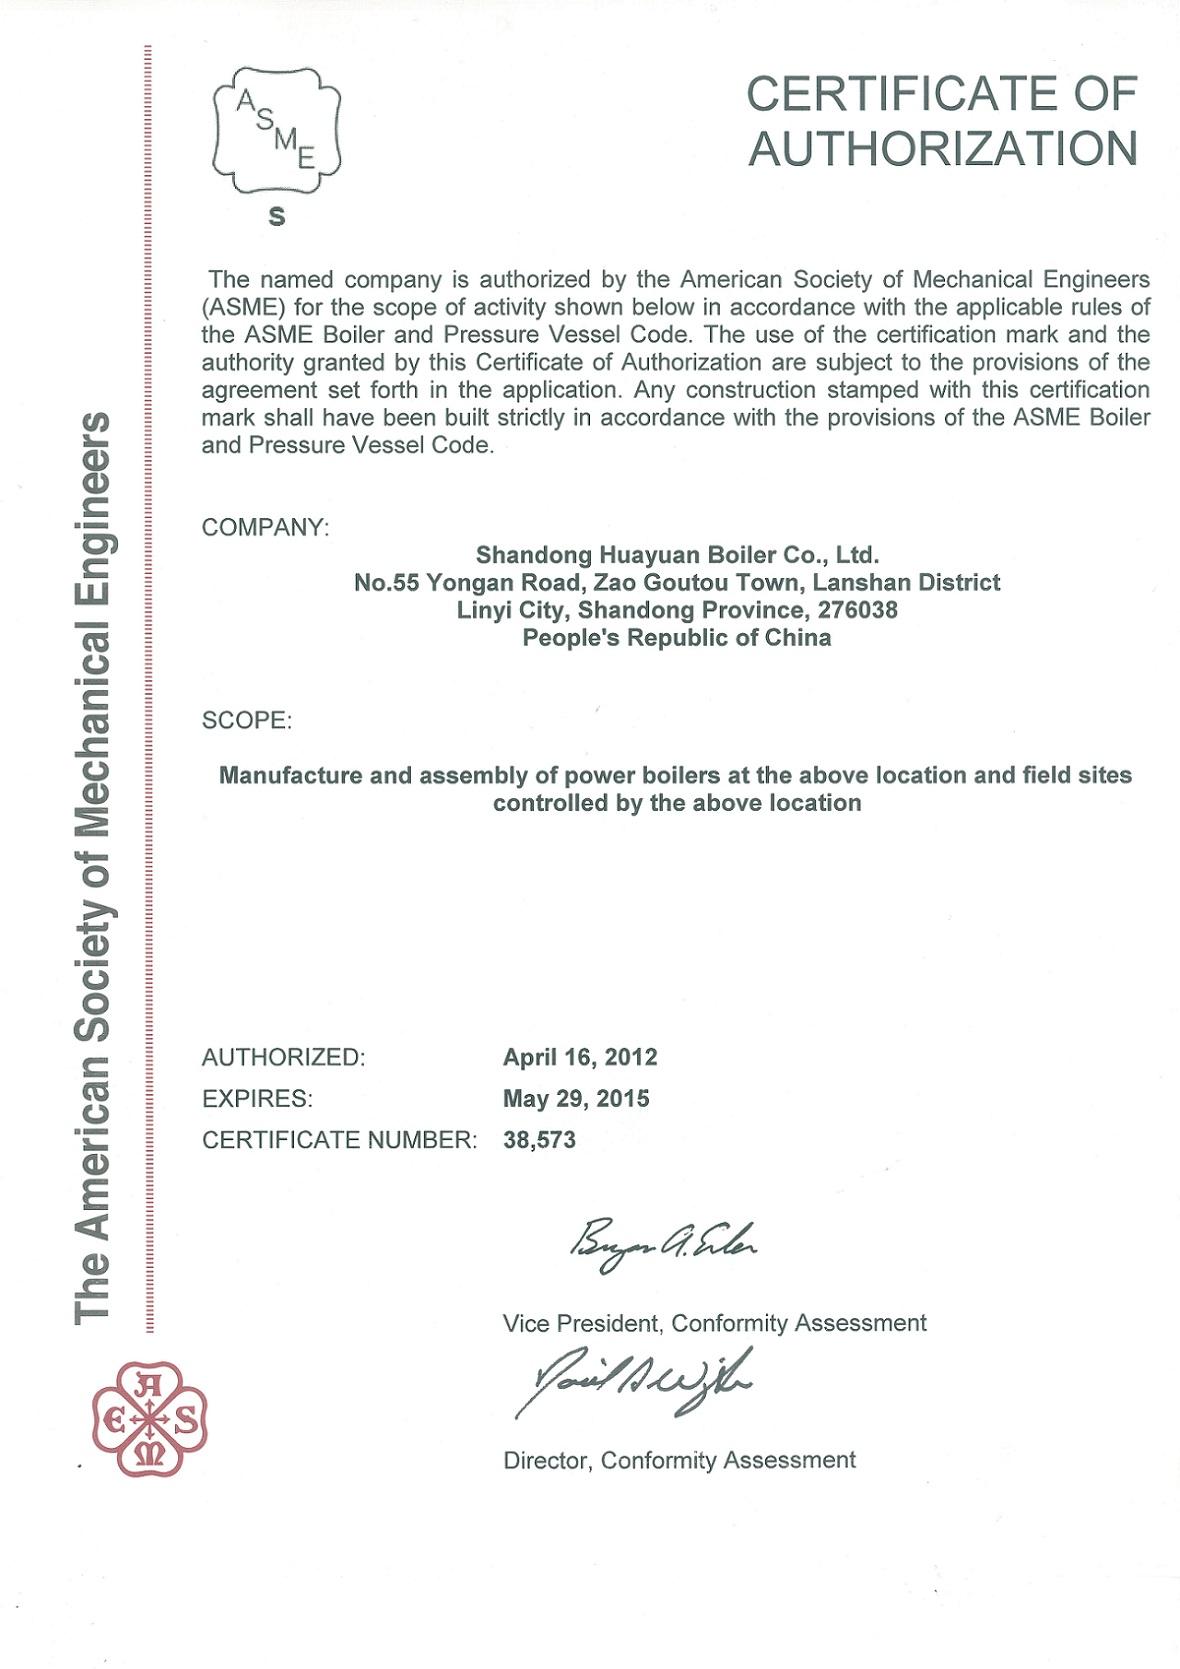 ASME certificates